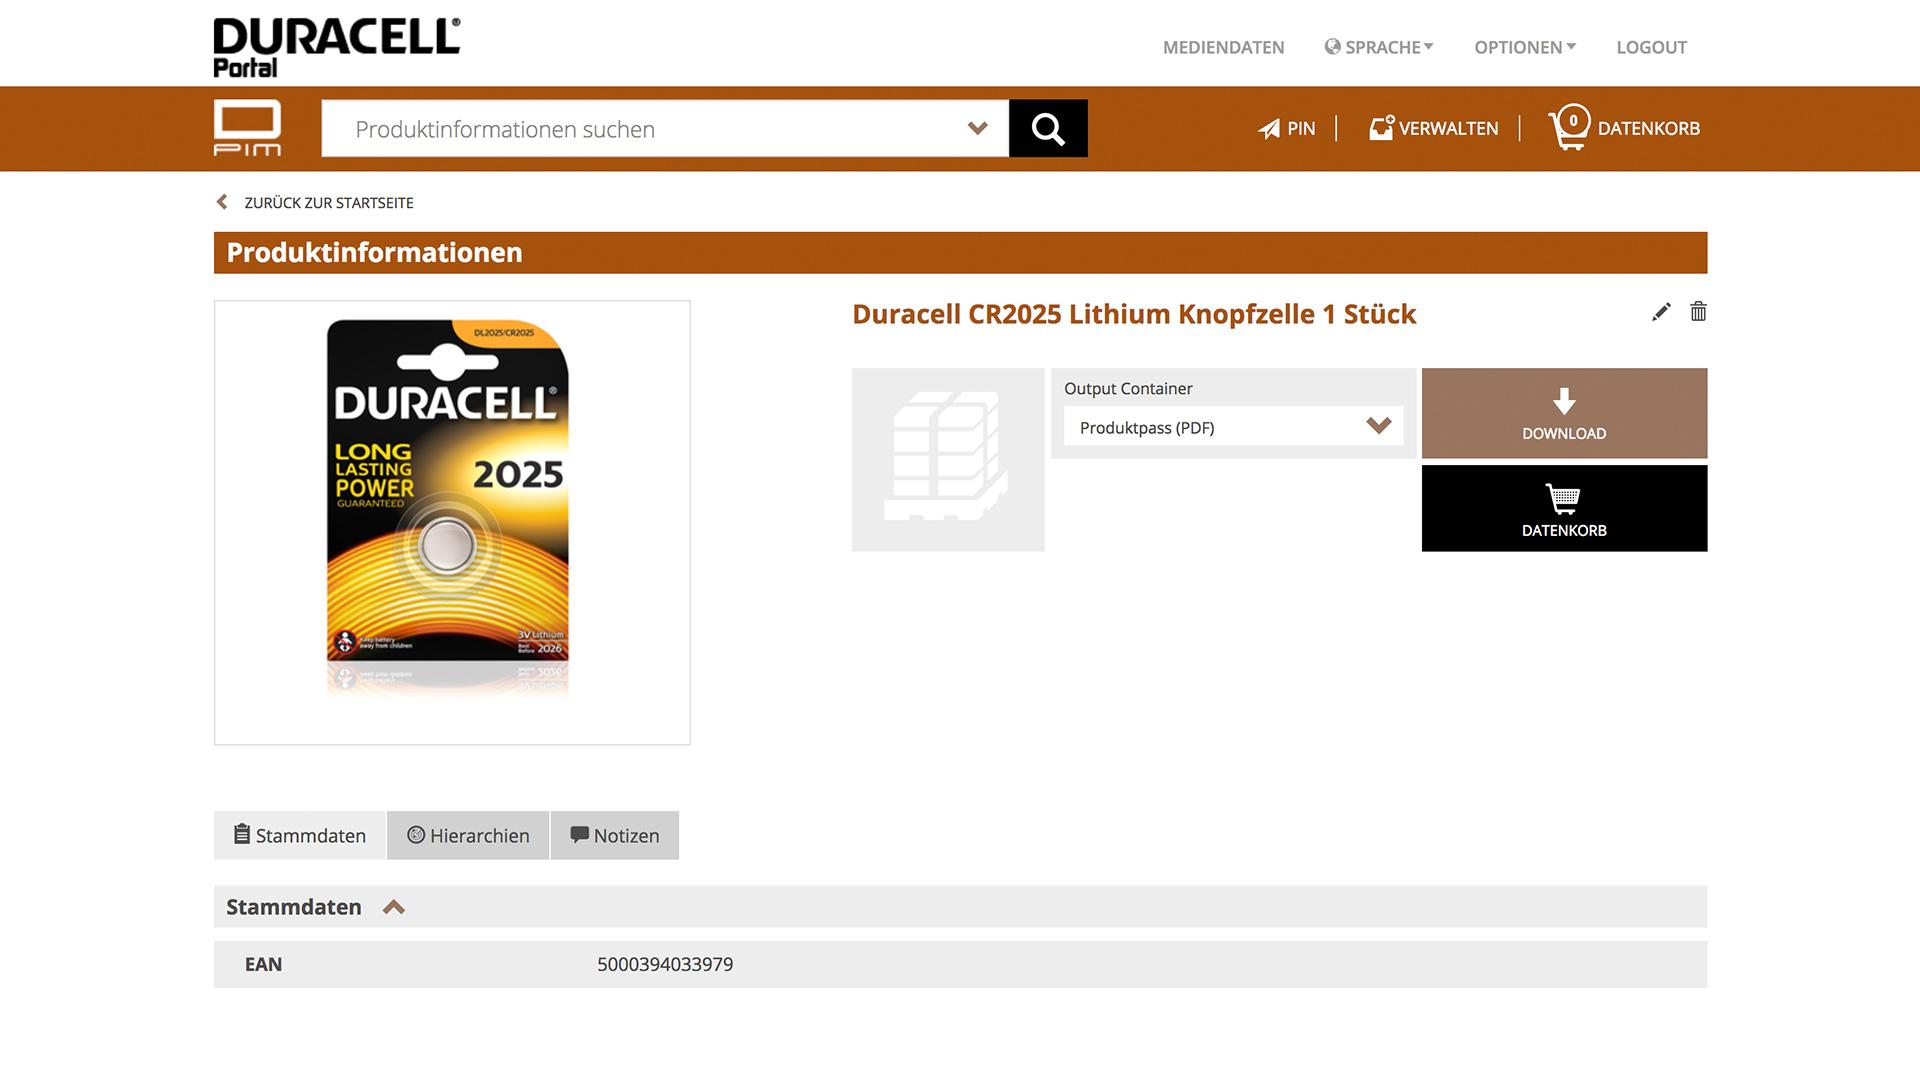 Duracell DAM-System dietz Produktdetailseite